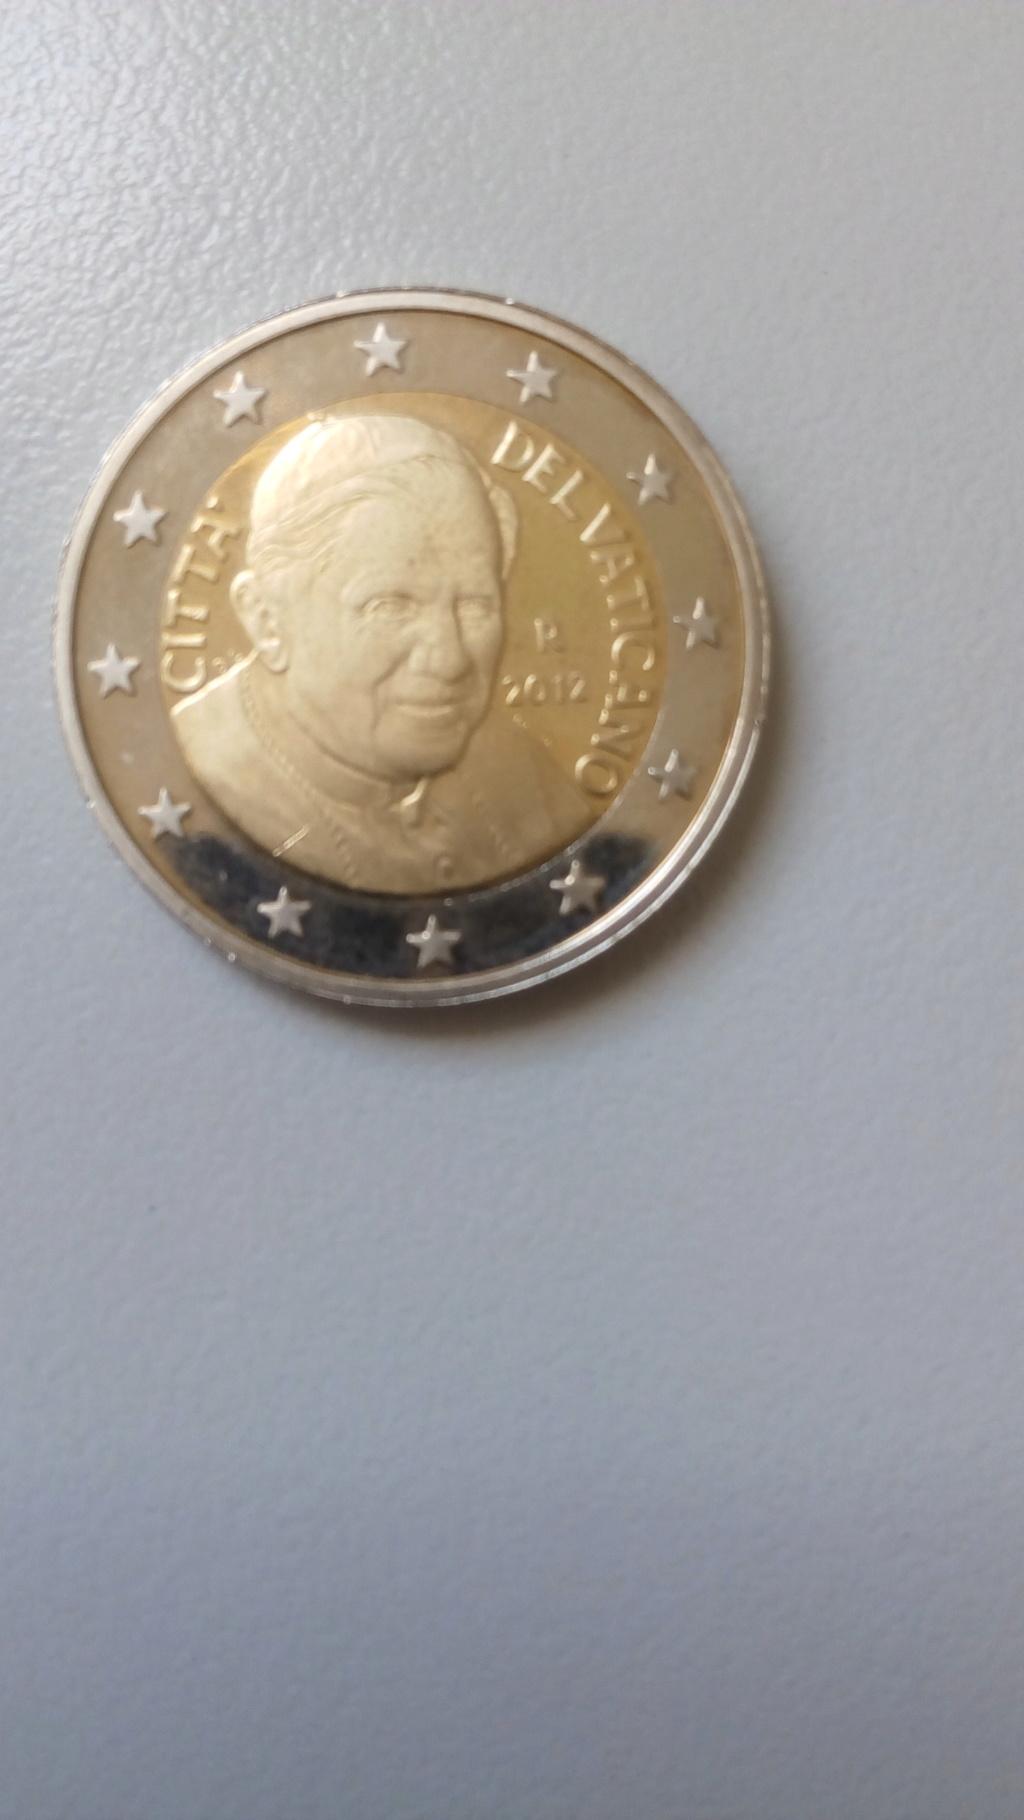 Moneda más rara encontrada en el cambio - Página 24 Img-2027